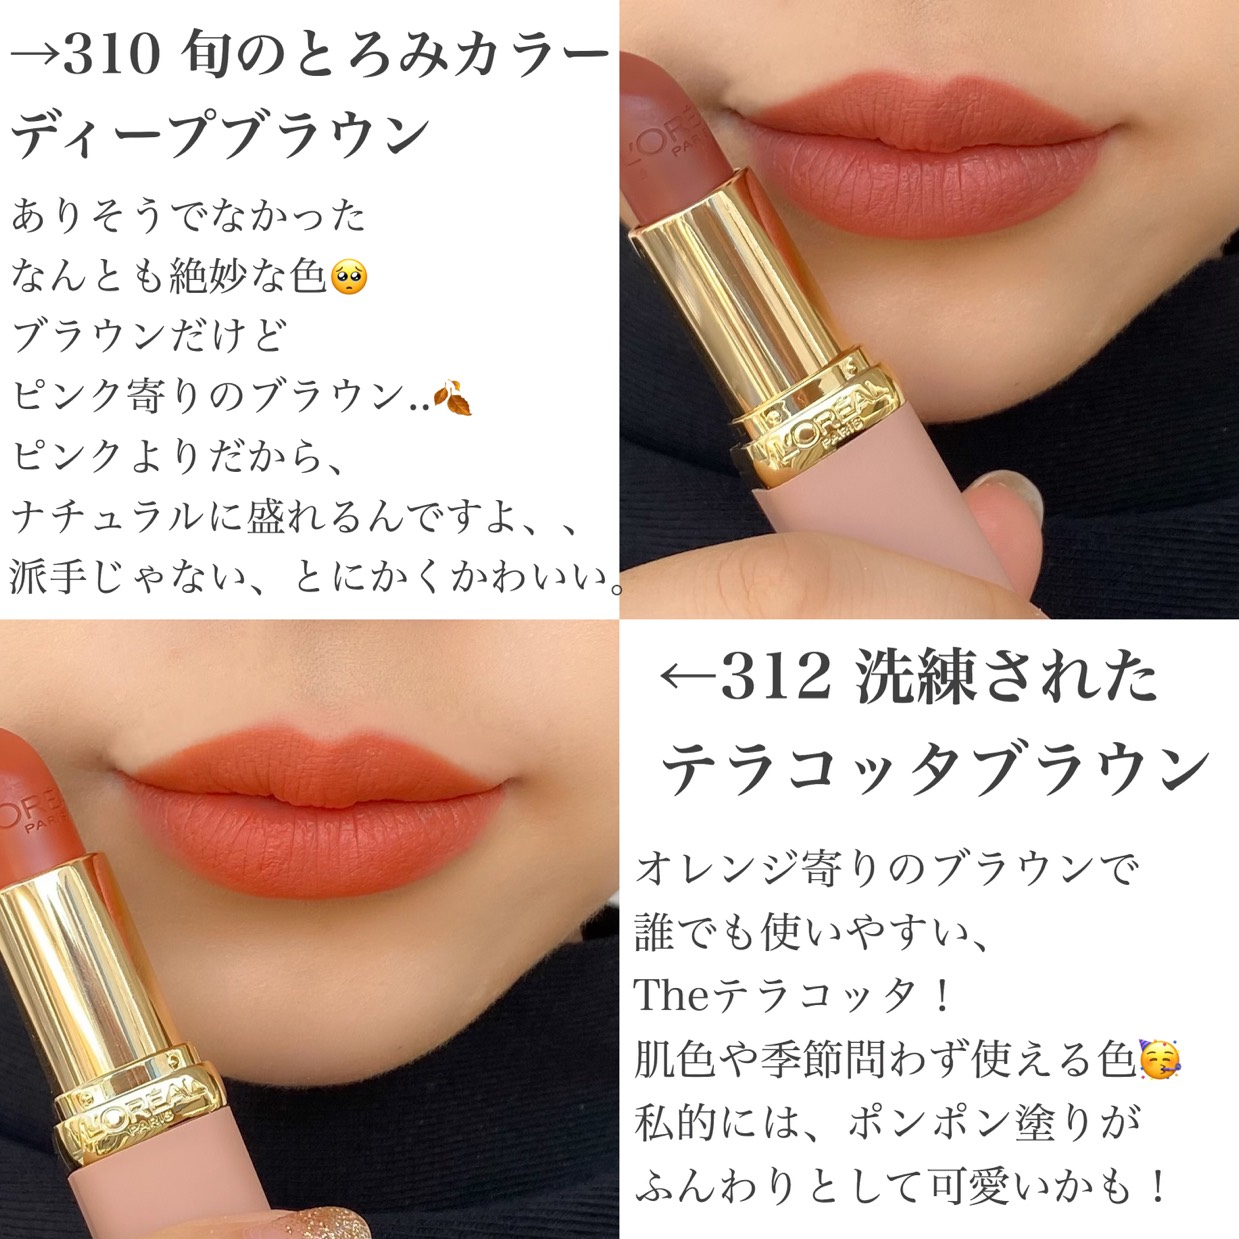 11/15発売!ロレアルパリ フリーザヌード!